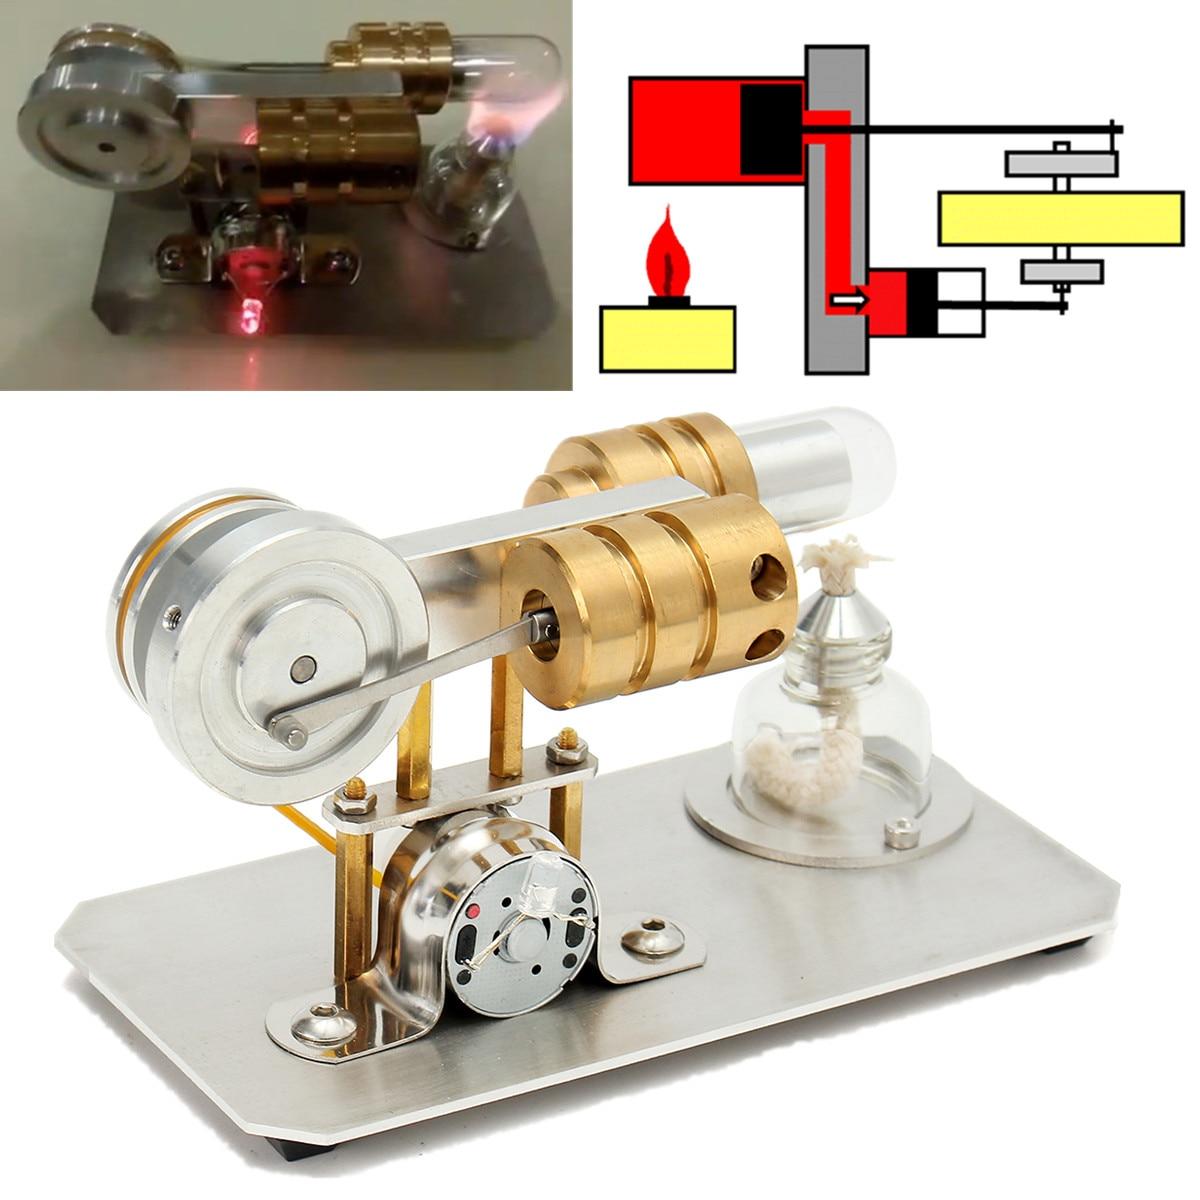 Avec lumière LED principe du moteur intuitif Mini moteur à Air chaud Stirling moteur modèle jouet éducatif Kit cadeau pour l'enseignement en classe